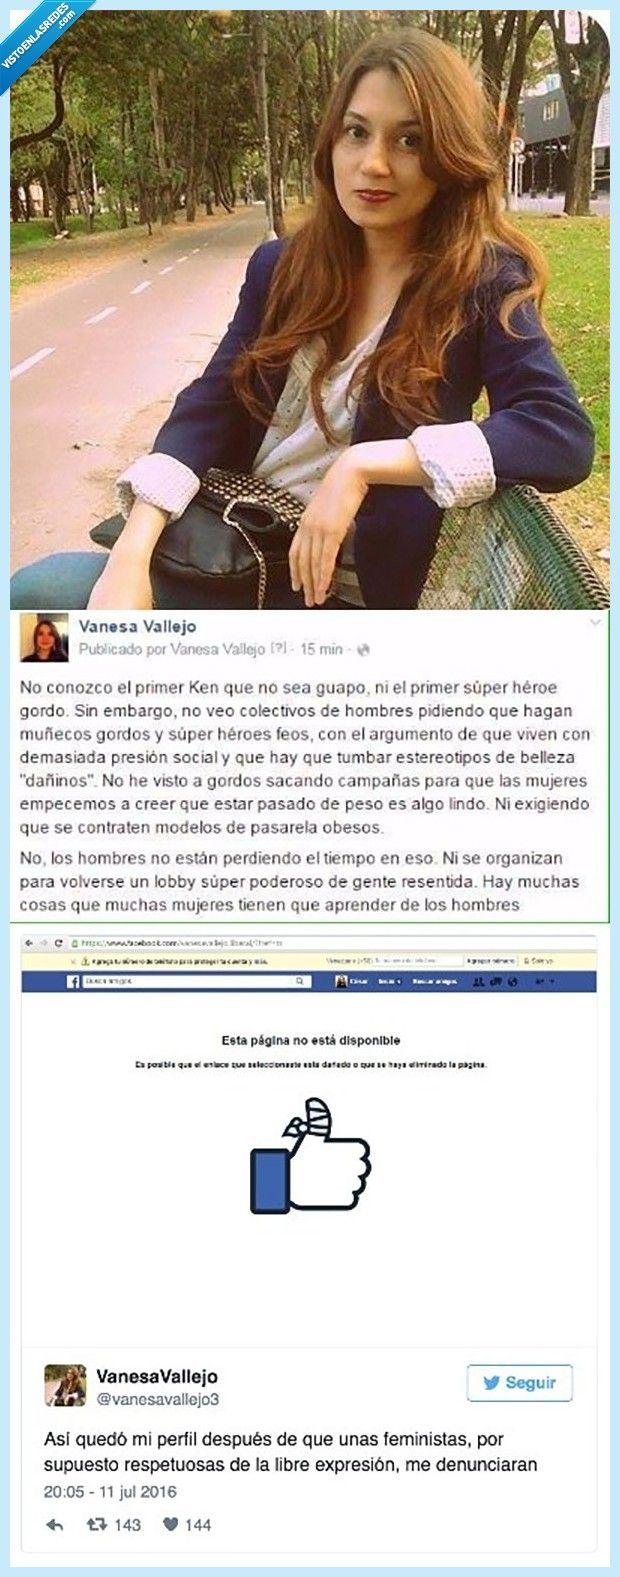 Facebook le cancela su cuenta por su mensaje antifeminista   Gracias a http://www.vistoenlasredes.com/   Si quieres leer la noticia completa visita: http://www.estoy-aburrido.com/facebook-le-cancela-su-cuenta-por-su-mensaje-antifeminista/